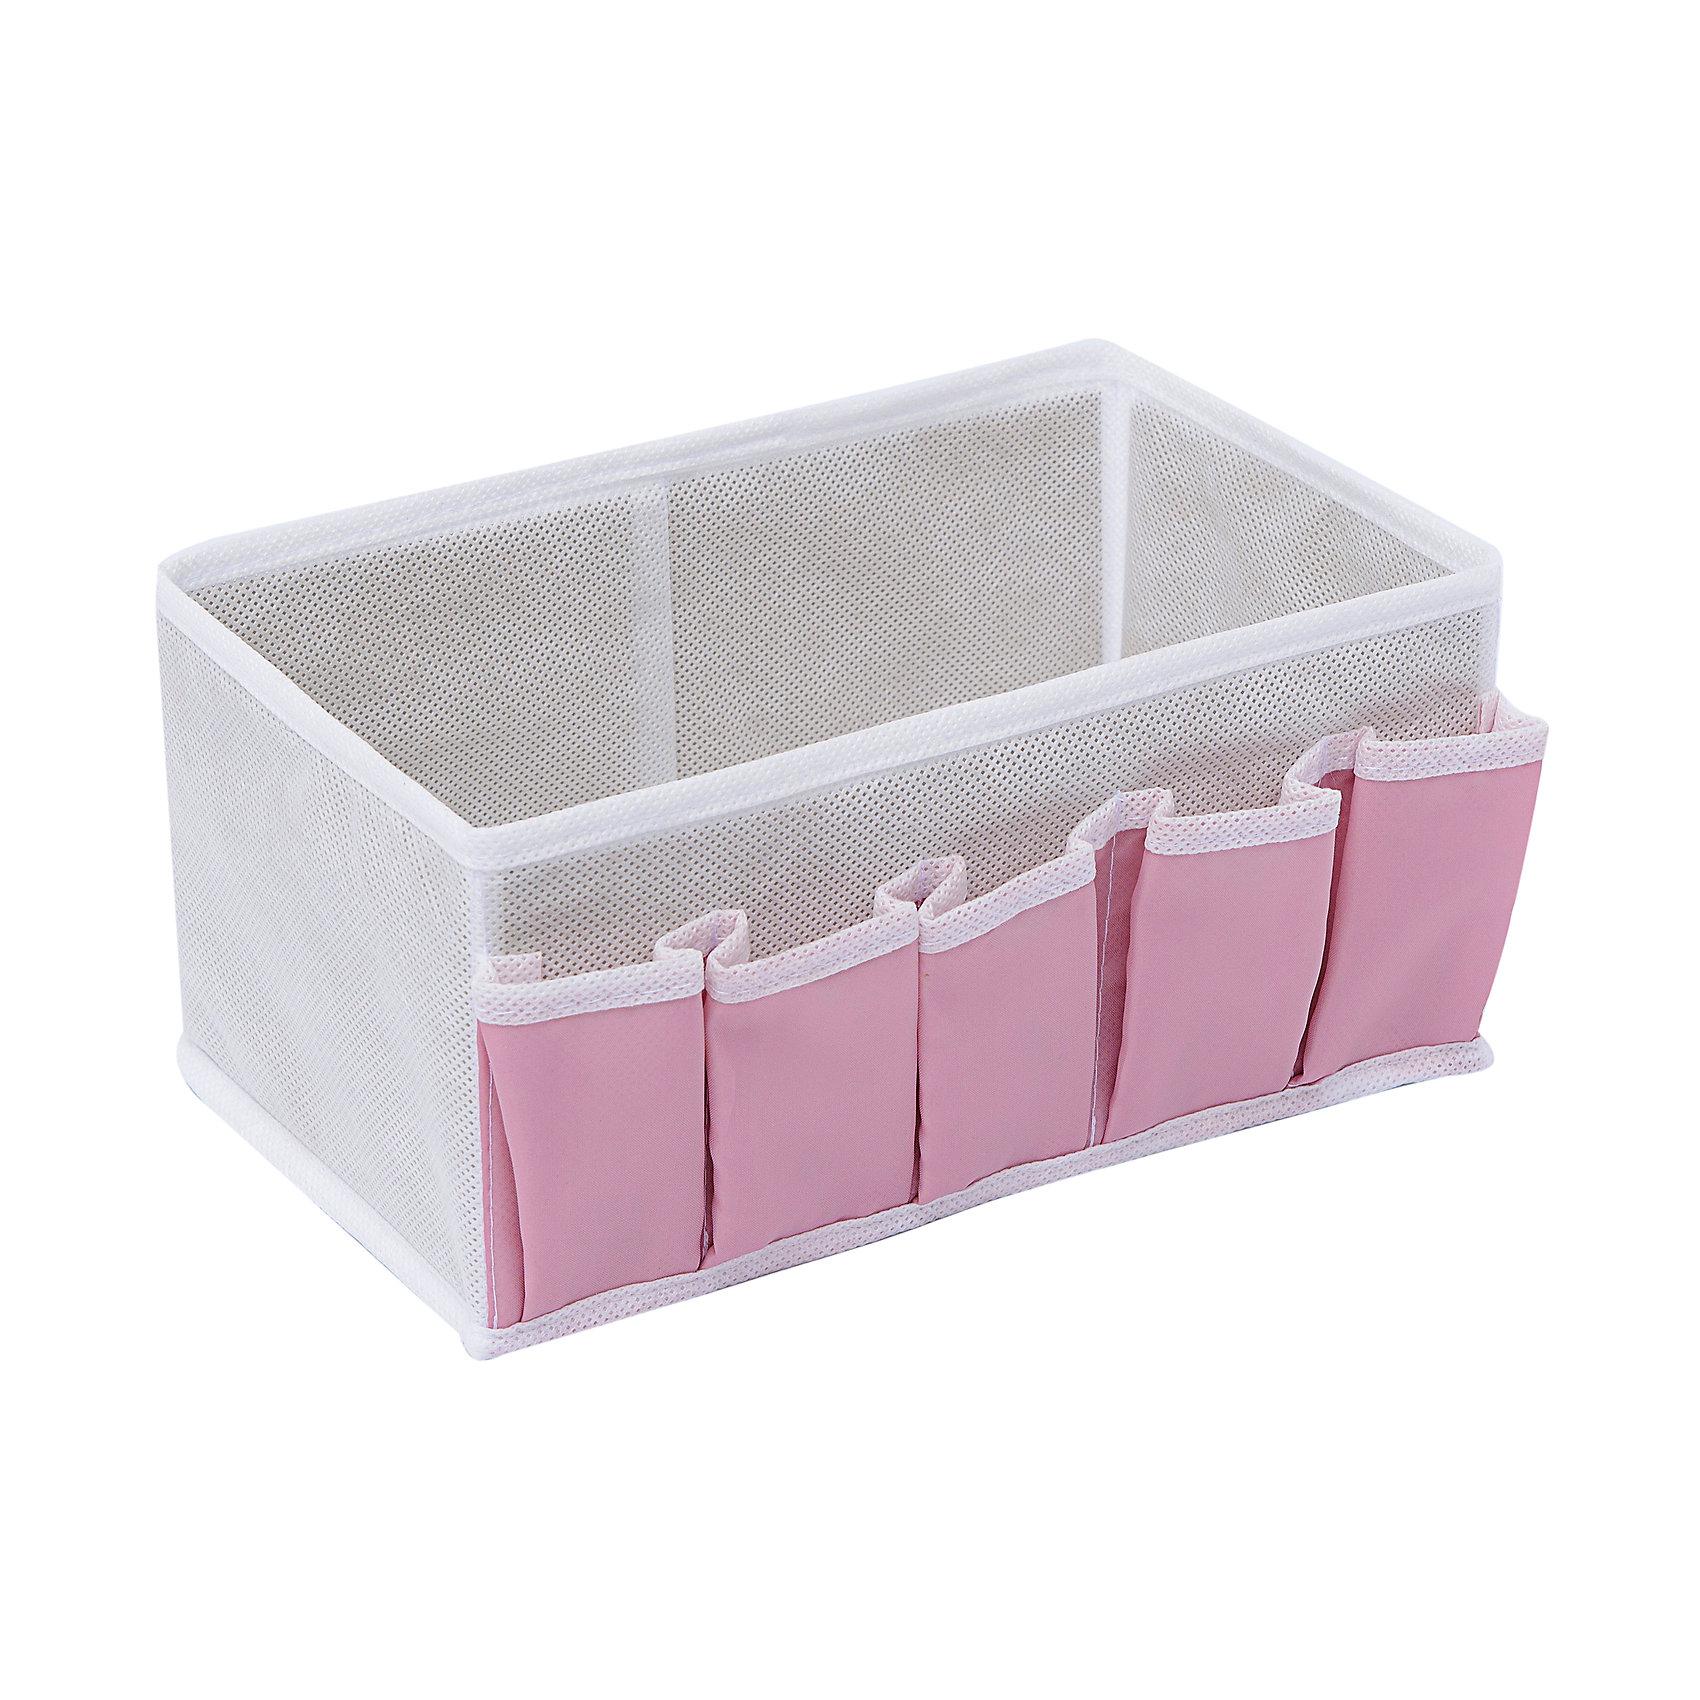 Коробочка для косметики и мелочей Capri, HomsuПорядок в детской<br>Характеристики товара:<br><br>• цвет: розовый<br>• материал: полиэстер, картон<br>• размер: 25х15х12 см<br>• вес: 100 г<br>• легкий прочный каркас<br>• обеспечивает естественную вентиляцию<br>• вместимость: 6 отделений<br>• страна бренда: Россия<br>• страна изготовитель: Китай<br><br>Коробочка для косметики и мелочей Capri от бренда Homsu (Хомсу) - очень удобная вещь для хранения вещей и эргономичной организации пространства.<br><br>Предмет легкий, устойчивый, вместительный, обеспечивает естественную вентиляцию.<br><br>Коробочку для косметики и мелочей Capri, Homsu можно купить в нашем интернет-магазине.<br><br>Ширина мм: 420<br>Глубина мм: 150<br>Высота мм: 20<br>Вес г: 100<br>Возраст от месяцев: 216<br>Возраст до месяцев: 1188<br>Пол: Унисекс<br>Возраст: Детский<br>SKU: 5620206